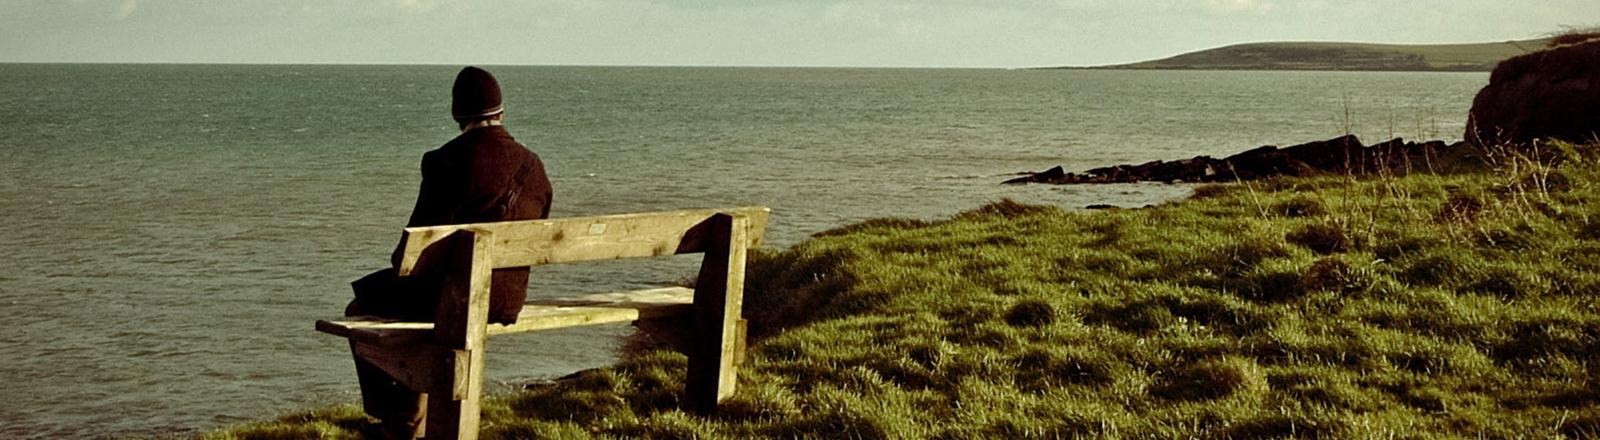 Ein Mann sitzt auf einer Bank und schaut aufs Meer